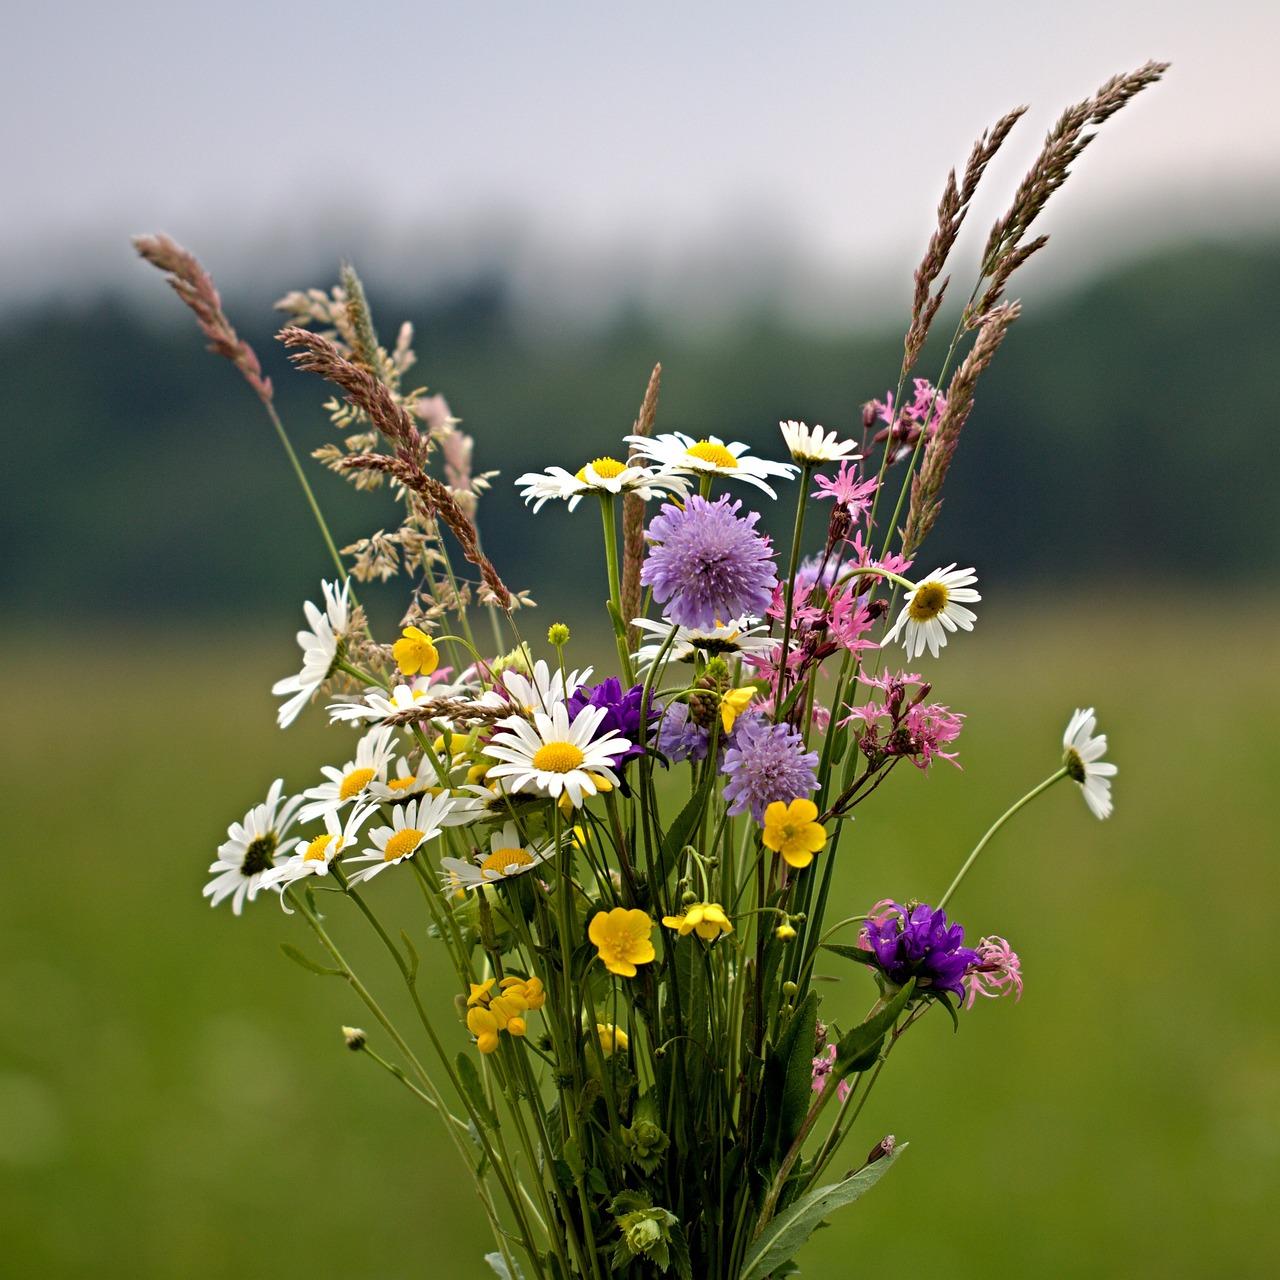 Словами, цветы луговые картинки прикольные